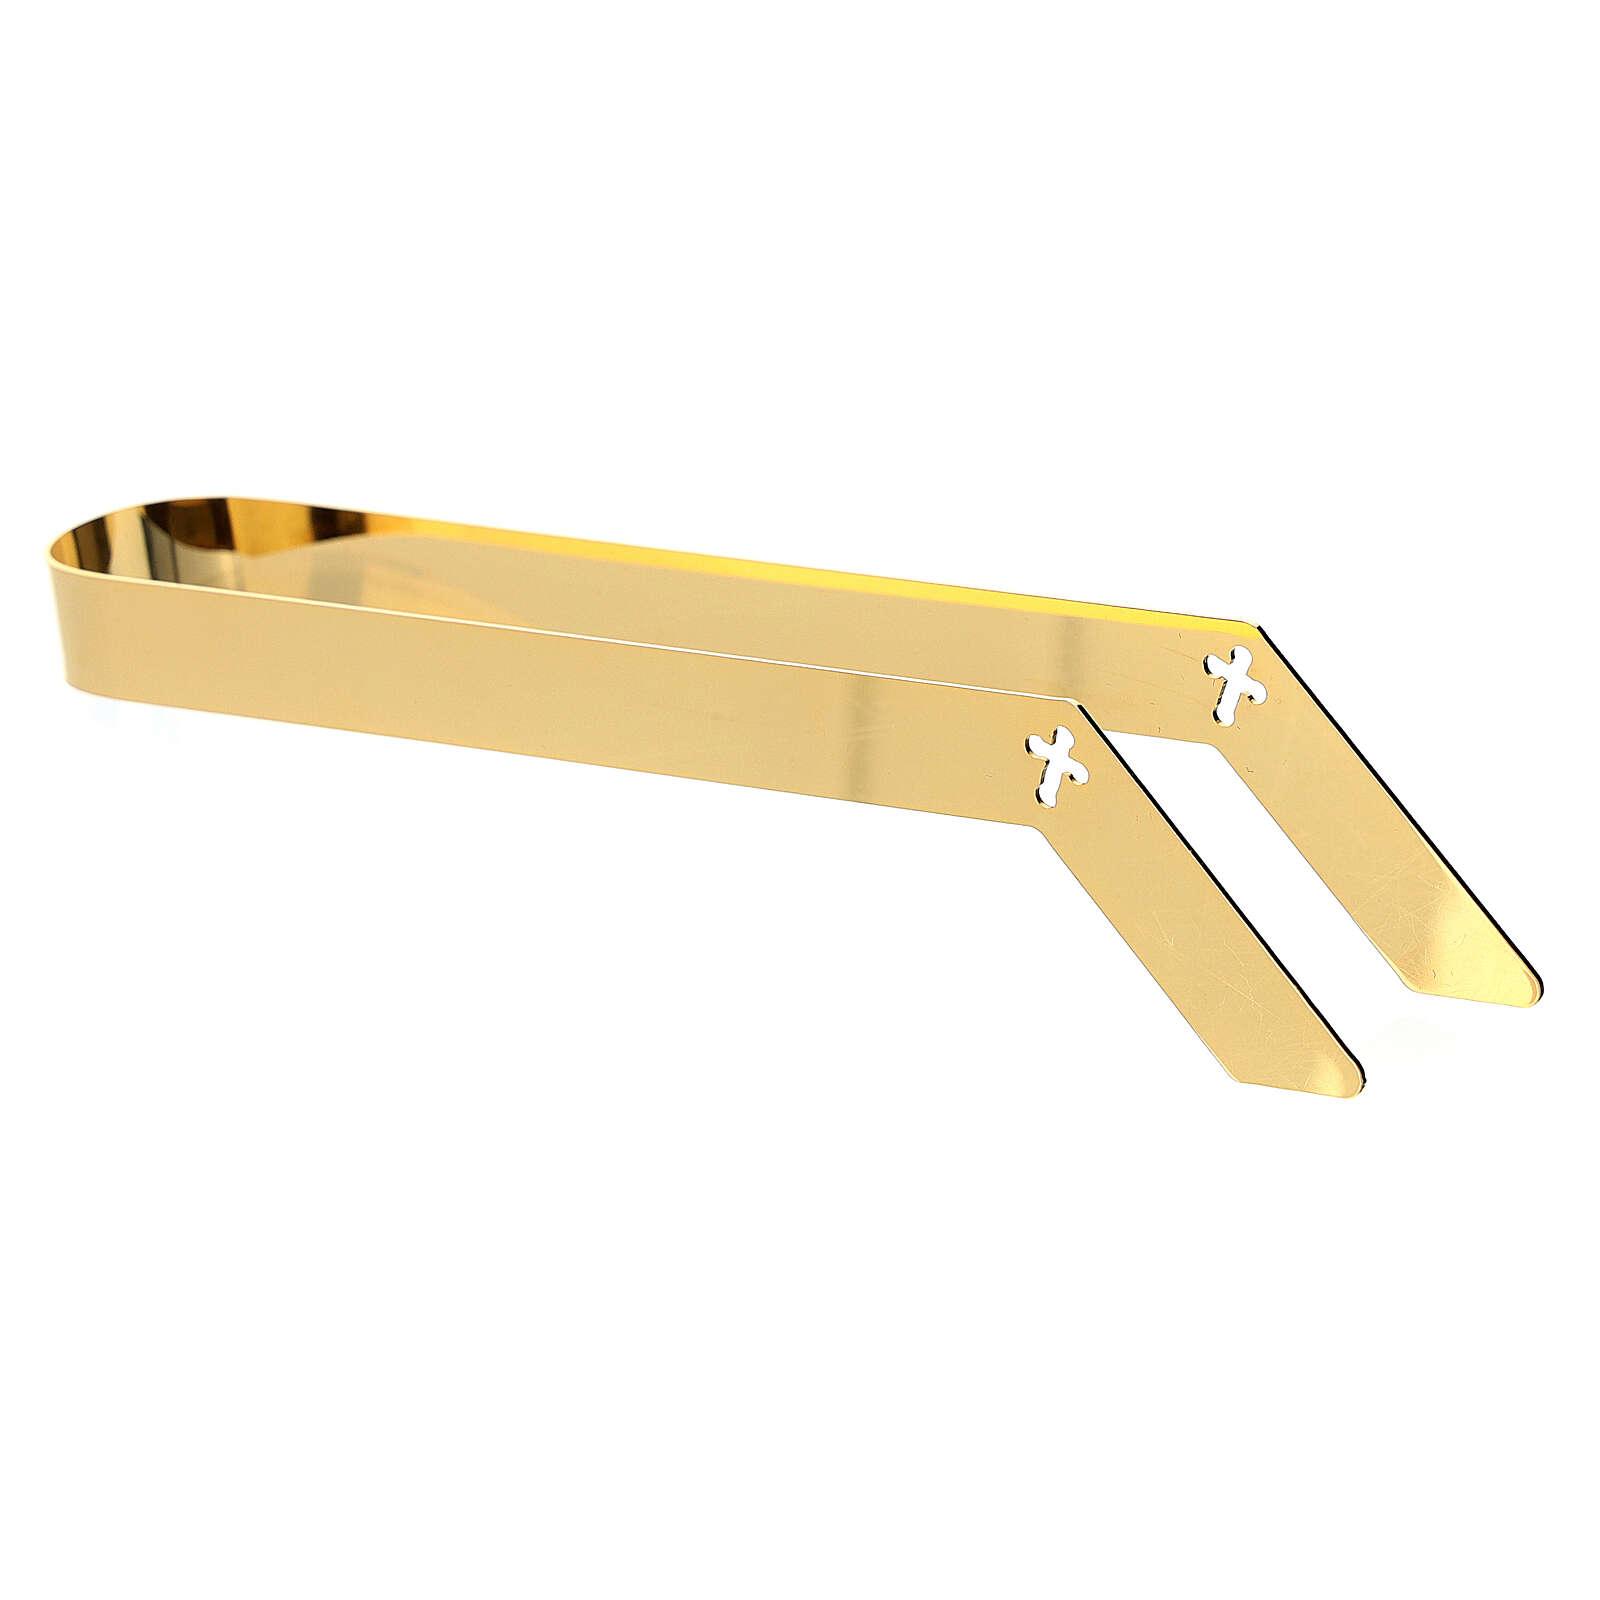 Hostienzange, 16 cm, aus vergoldetem Messing 3